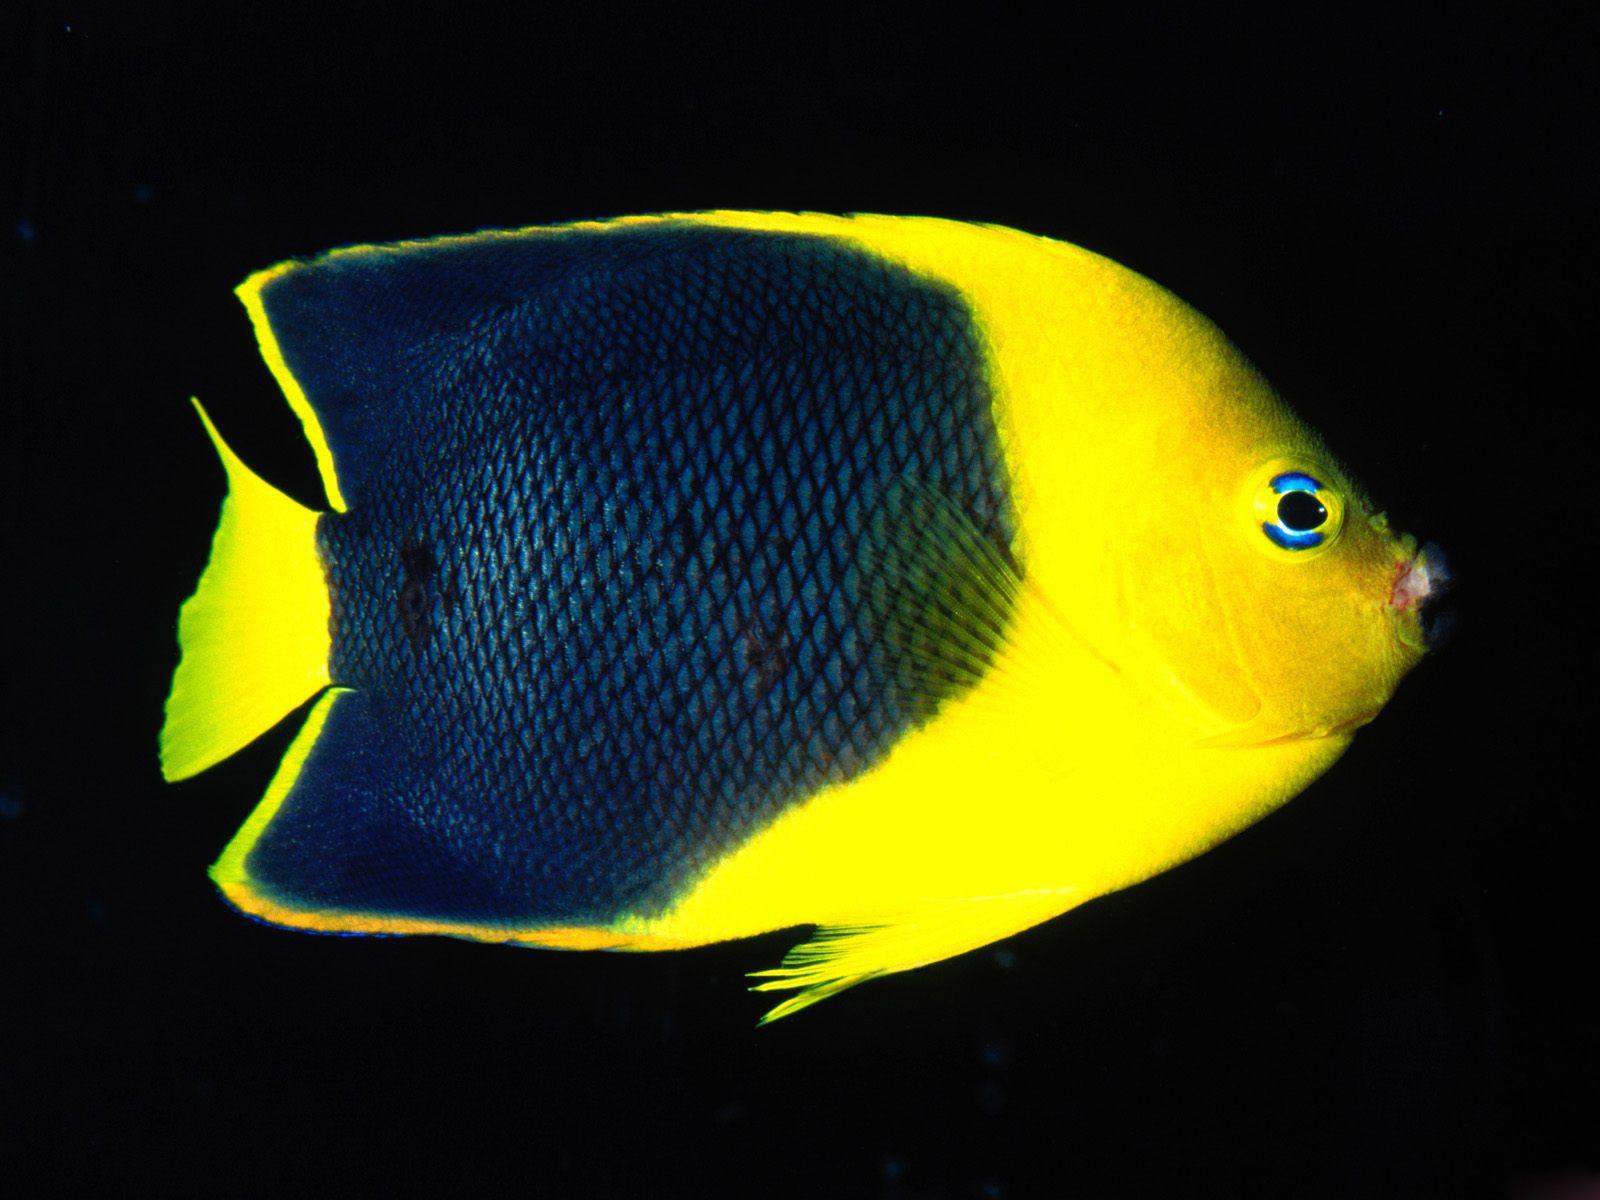 http://3.bp.blogspot.com/_sRGU_JXOz6E/TRXWMLPcsbI/AAAAAAAAAaw/pTqH0hzgZ6o/s1600/Underwater+Wallpaper+%25282%2529.jpg